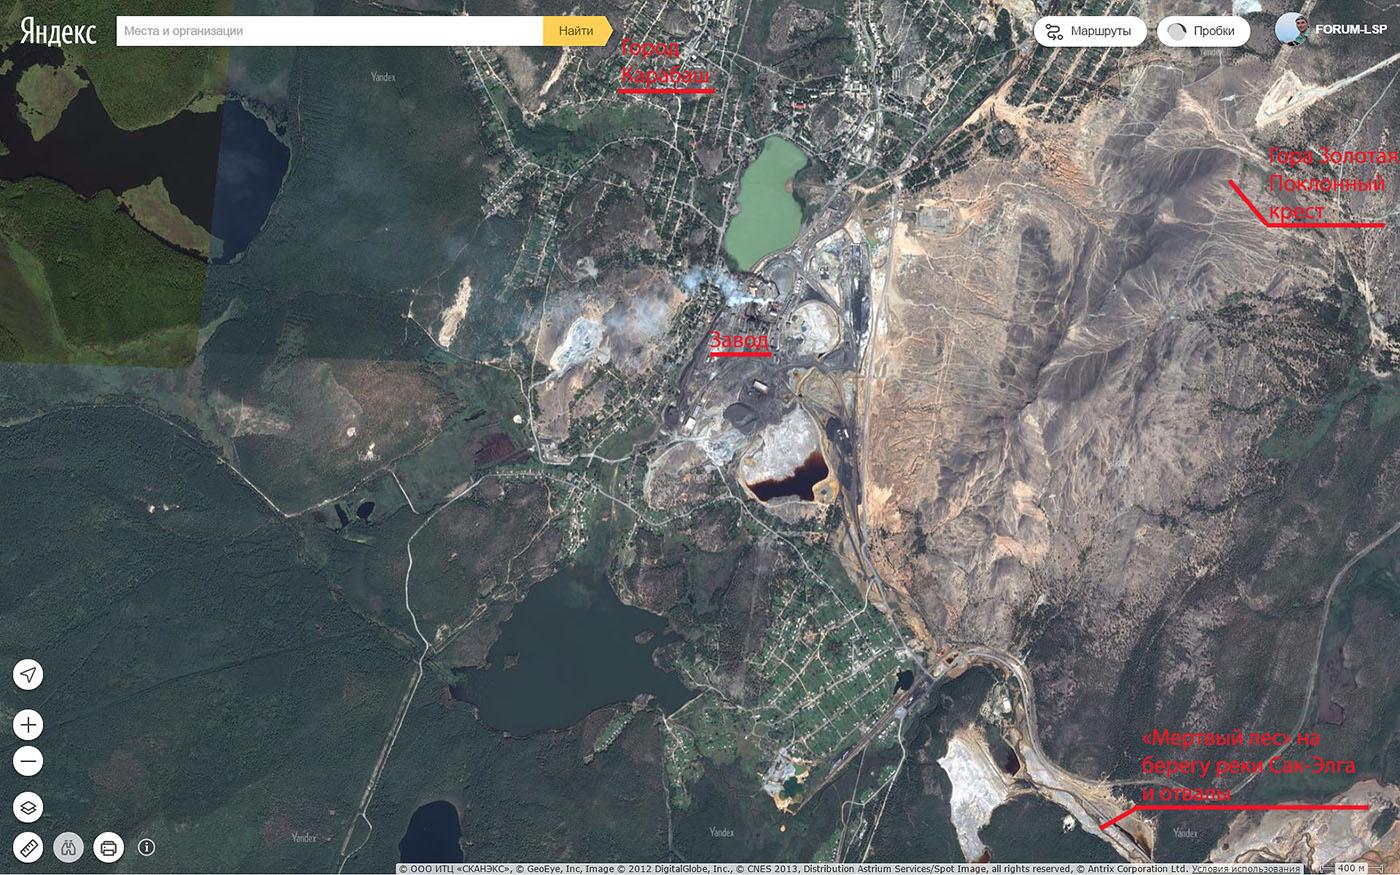 1. Вид на город Карабаш Челябинской области и его окрестности со спутника